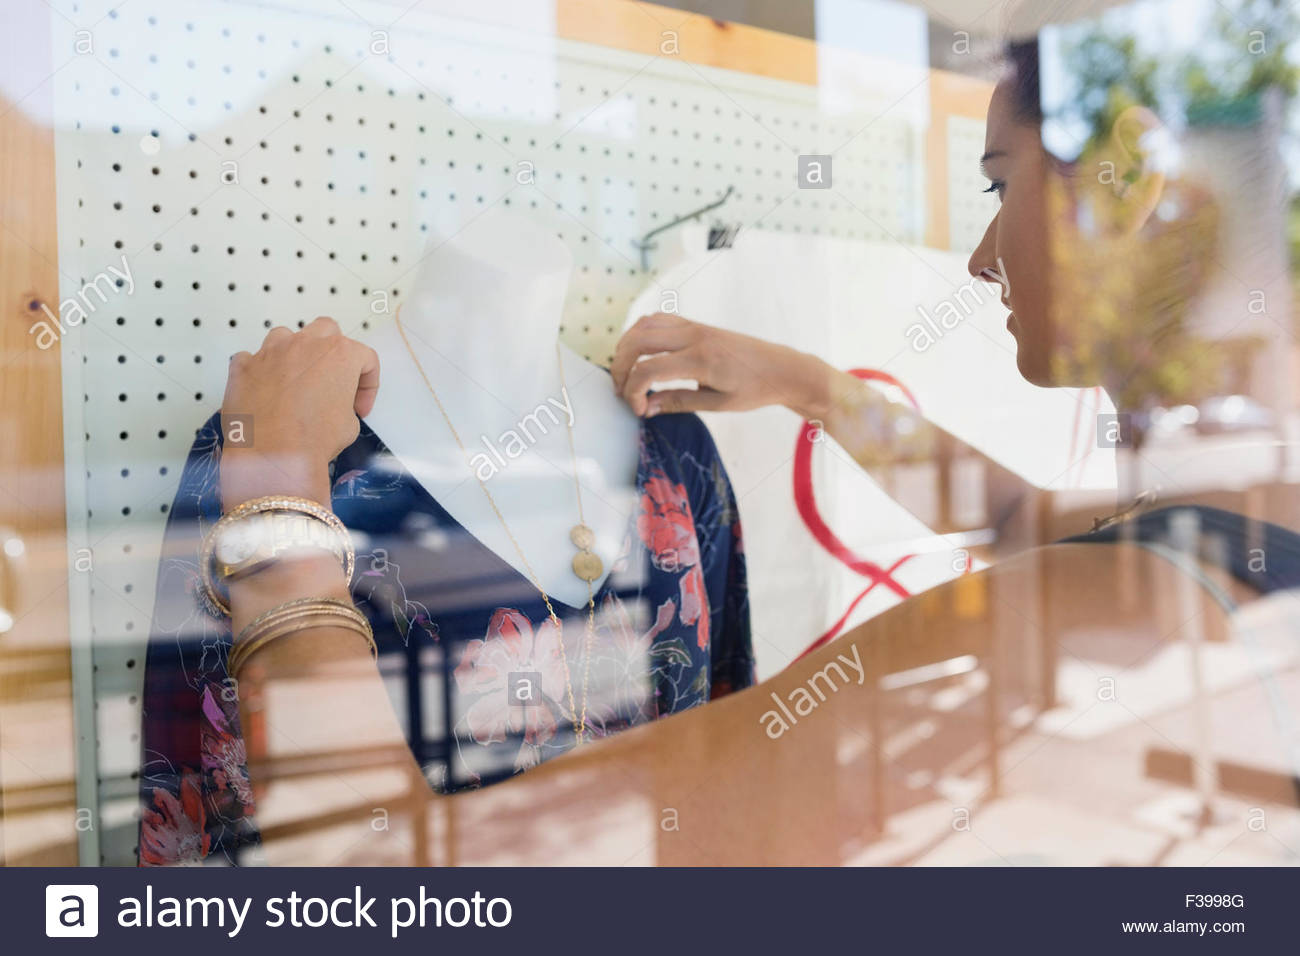 L'organisation des travailleurs de l'habillement mannequin d'affichage de vitrine Photo Stock